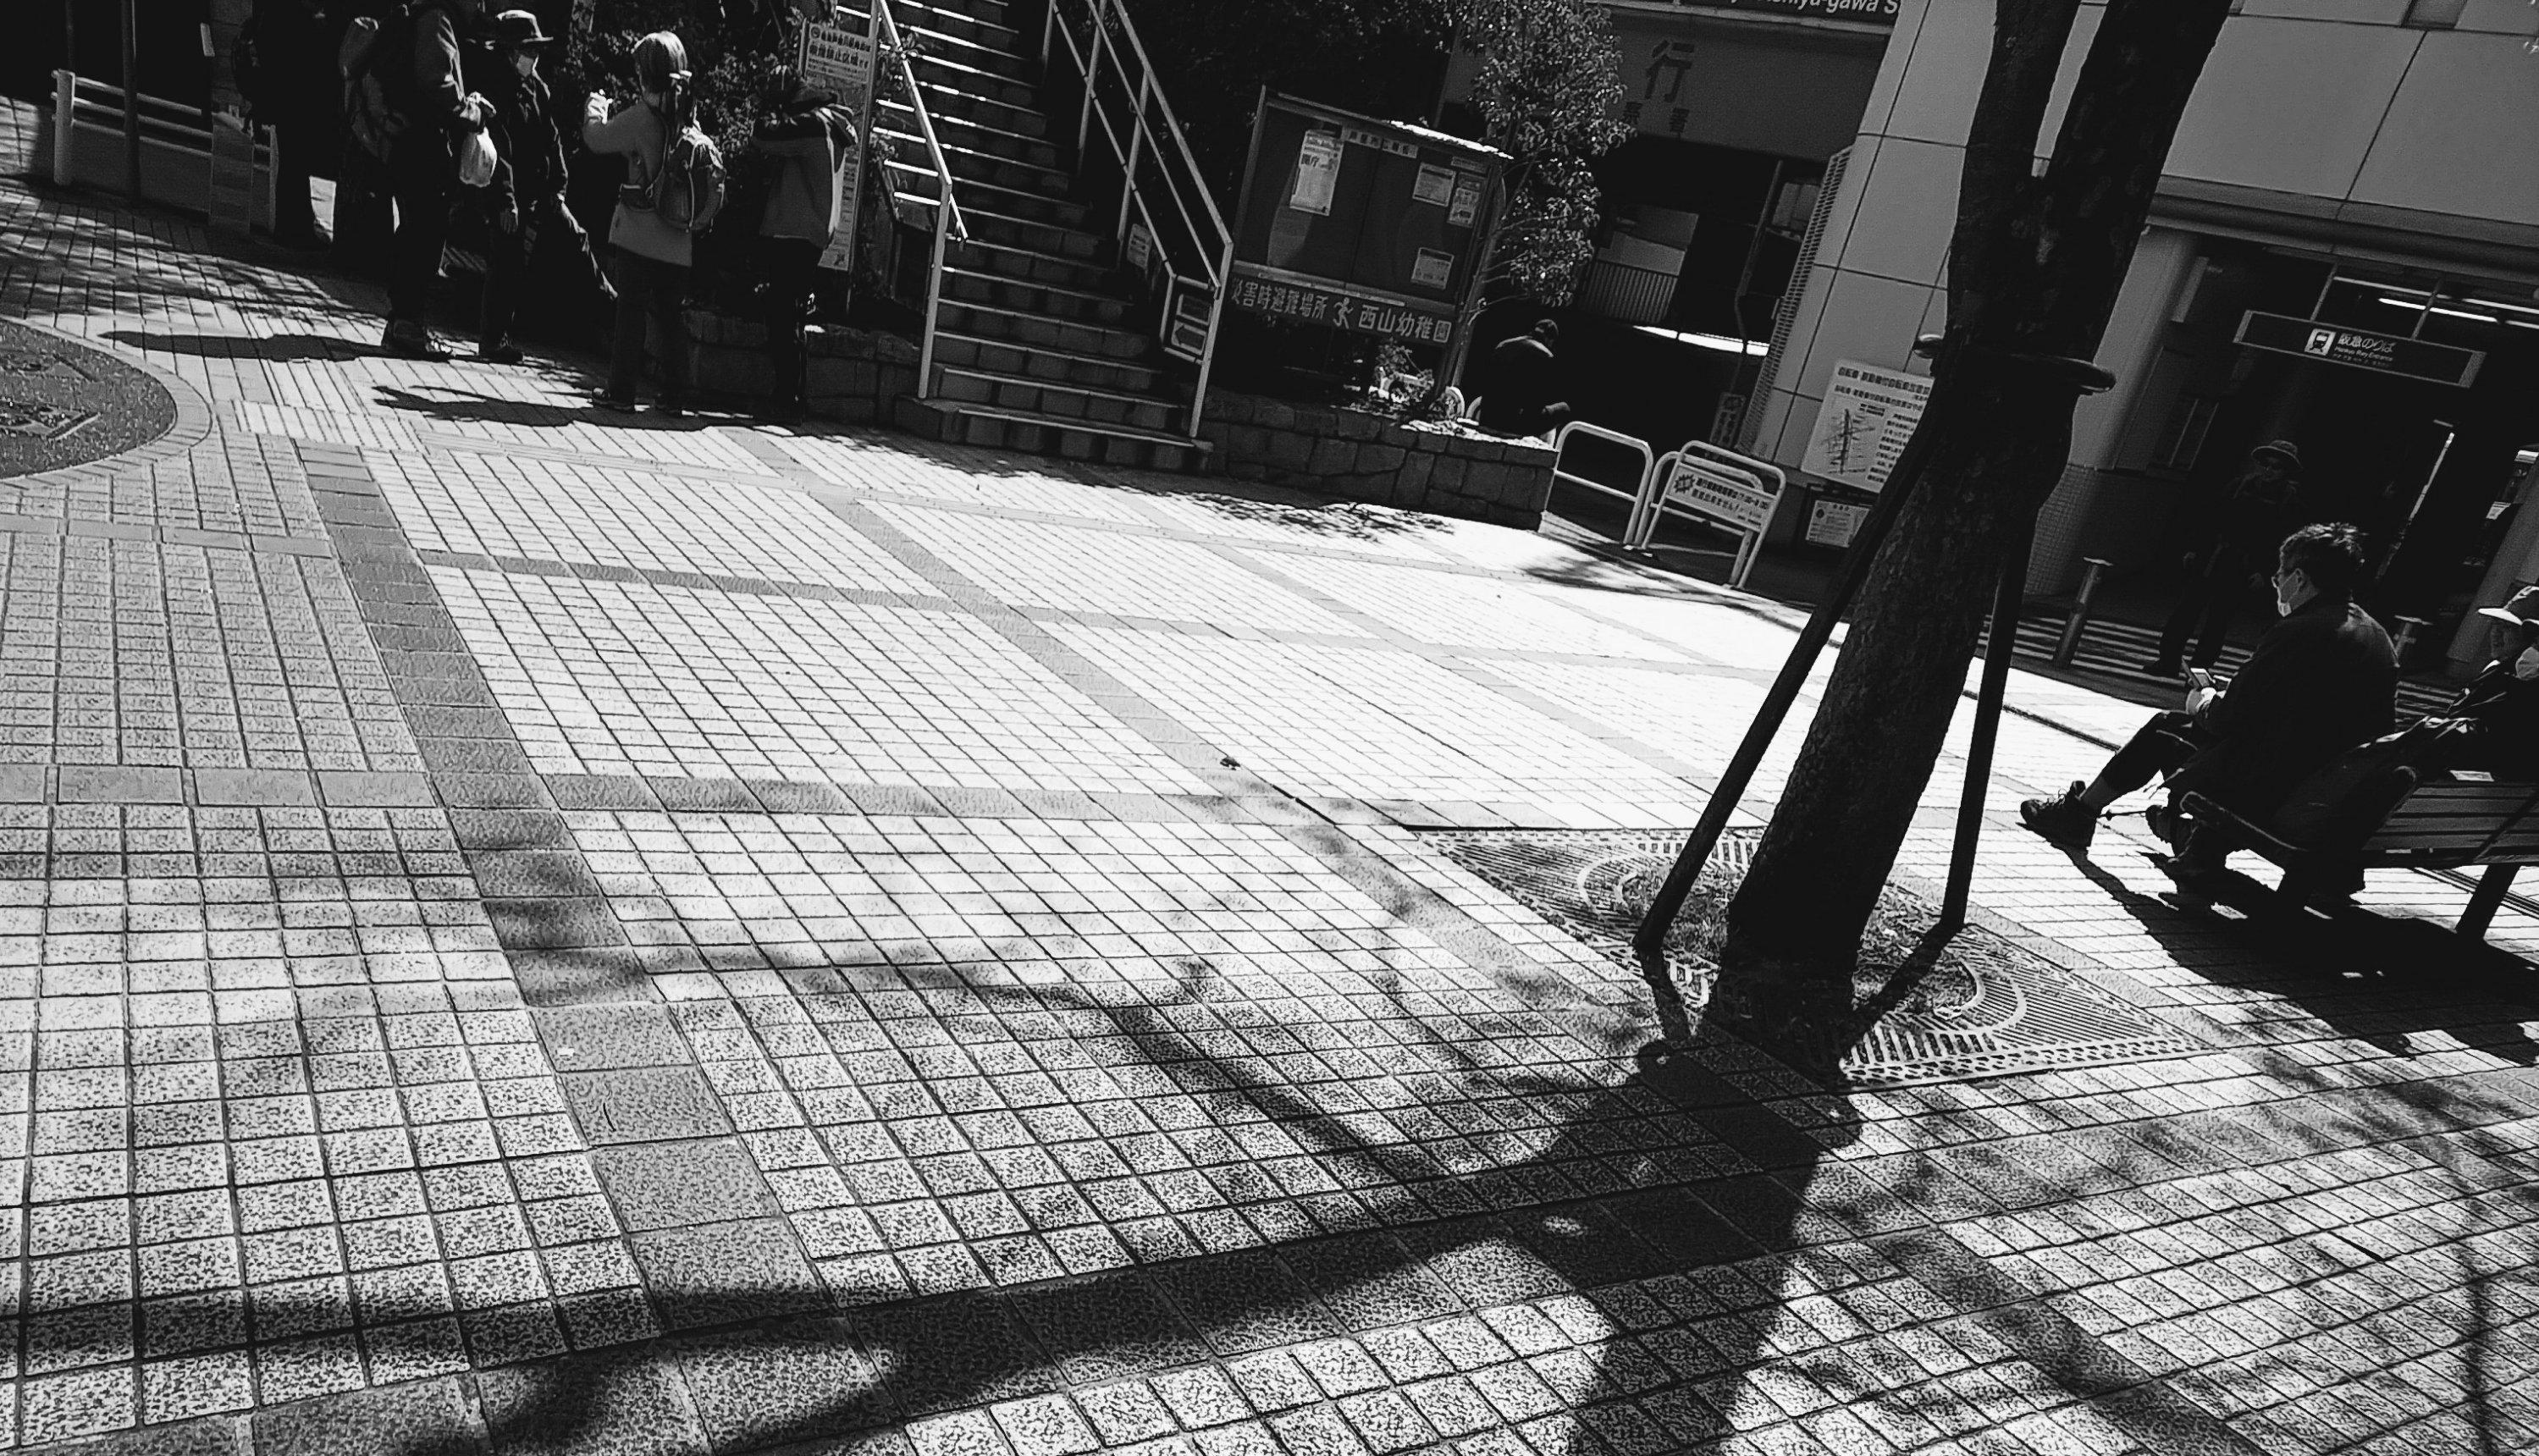 2020年3月 外出自粛の週末!!芦屋川駅周辺は人がまばら!!